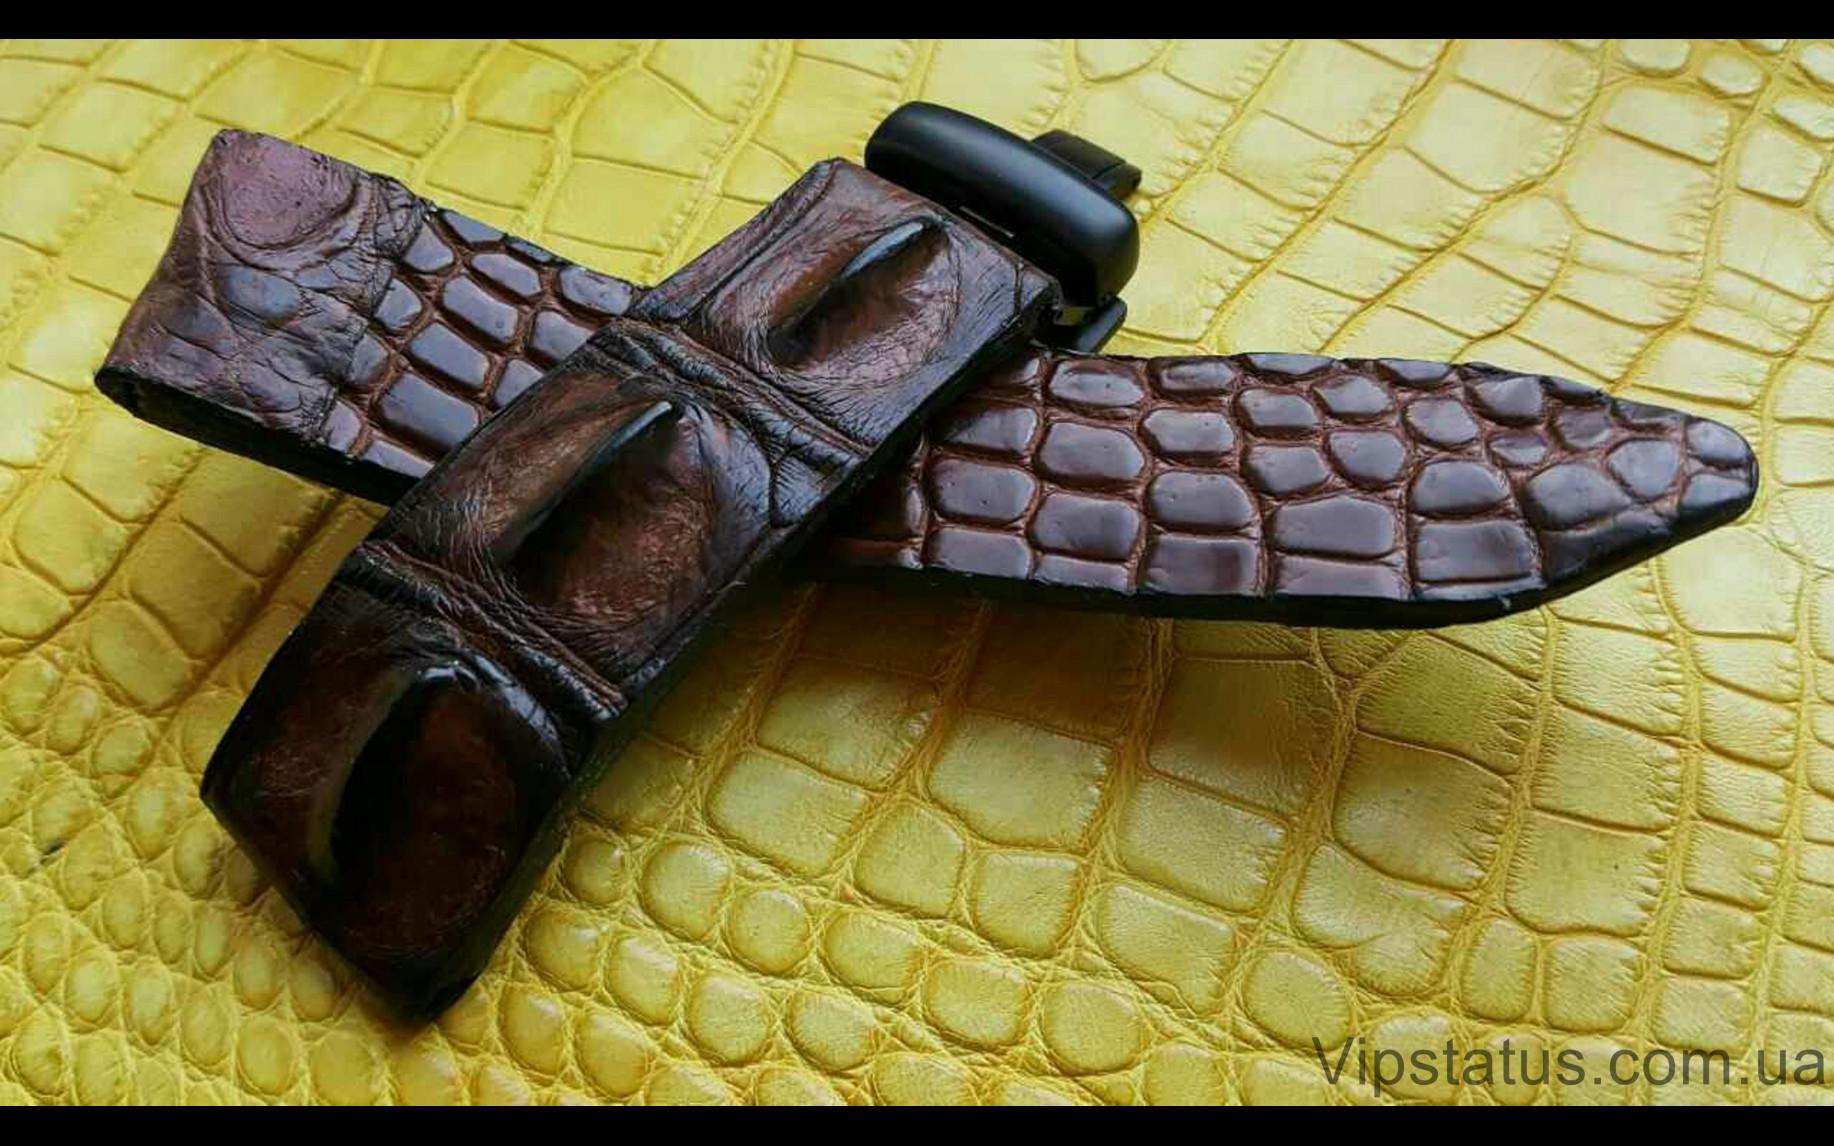 Elite Брутальный ремешок для часов Breguet кожа крокодила Brutal Crocodile Strap for Breguet watches image 2